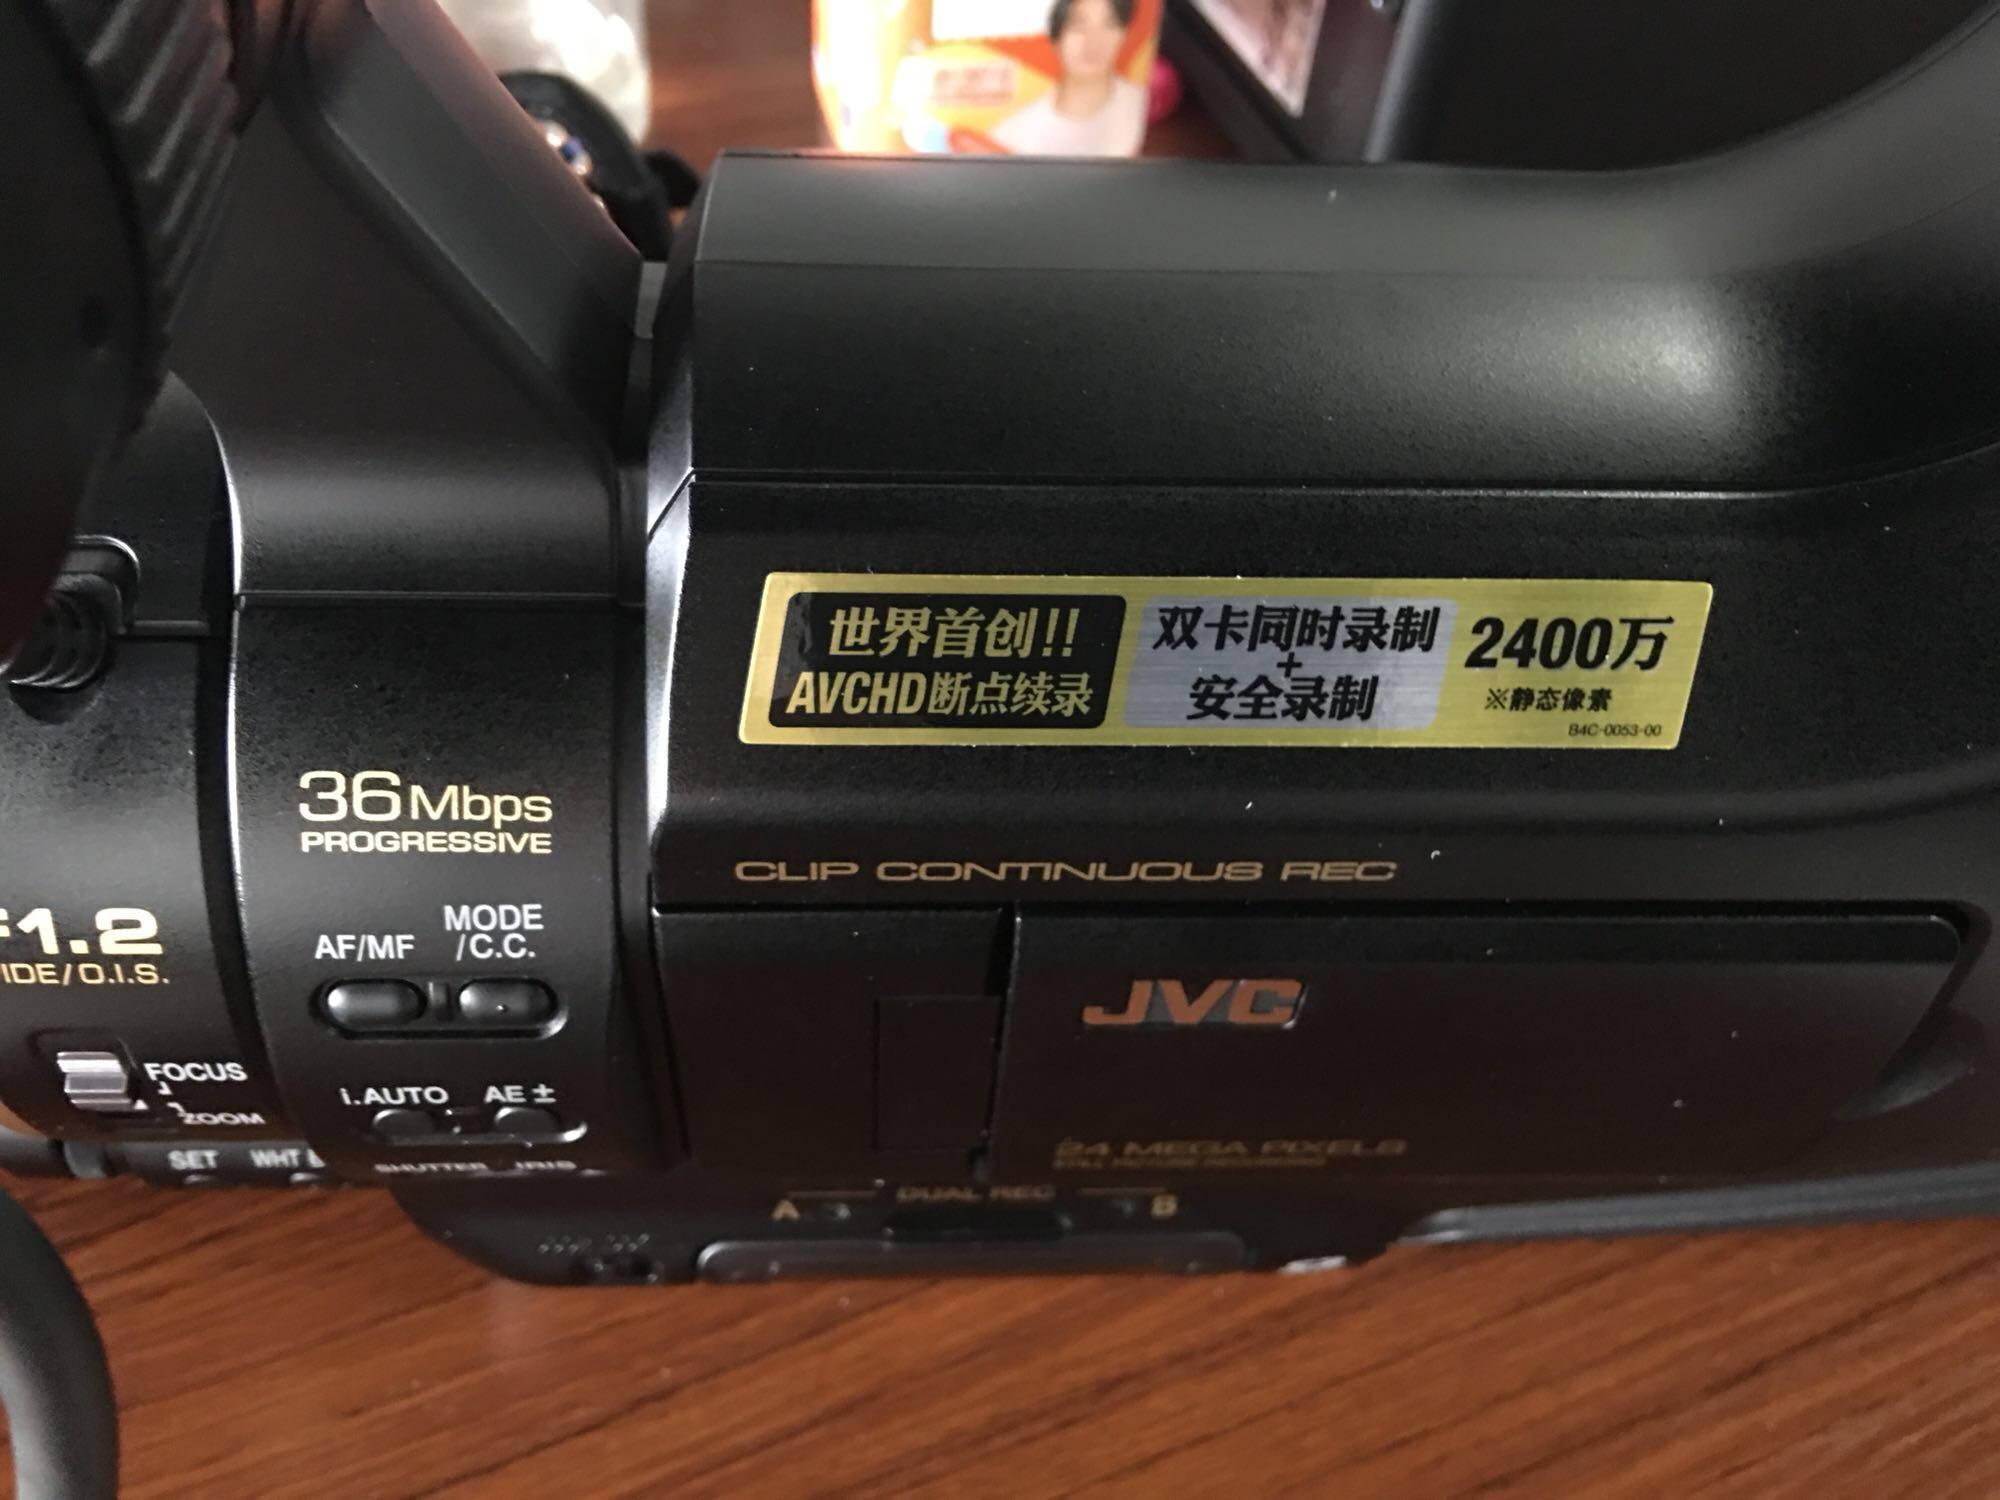 杰伟世(JVC)JY-HM95AC专业肩扛式高清数码摄像机/摄影机婚庆/会议/录课(支持双卡双电)